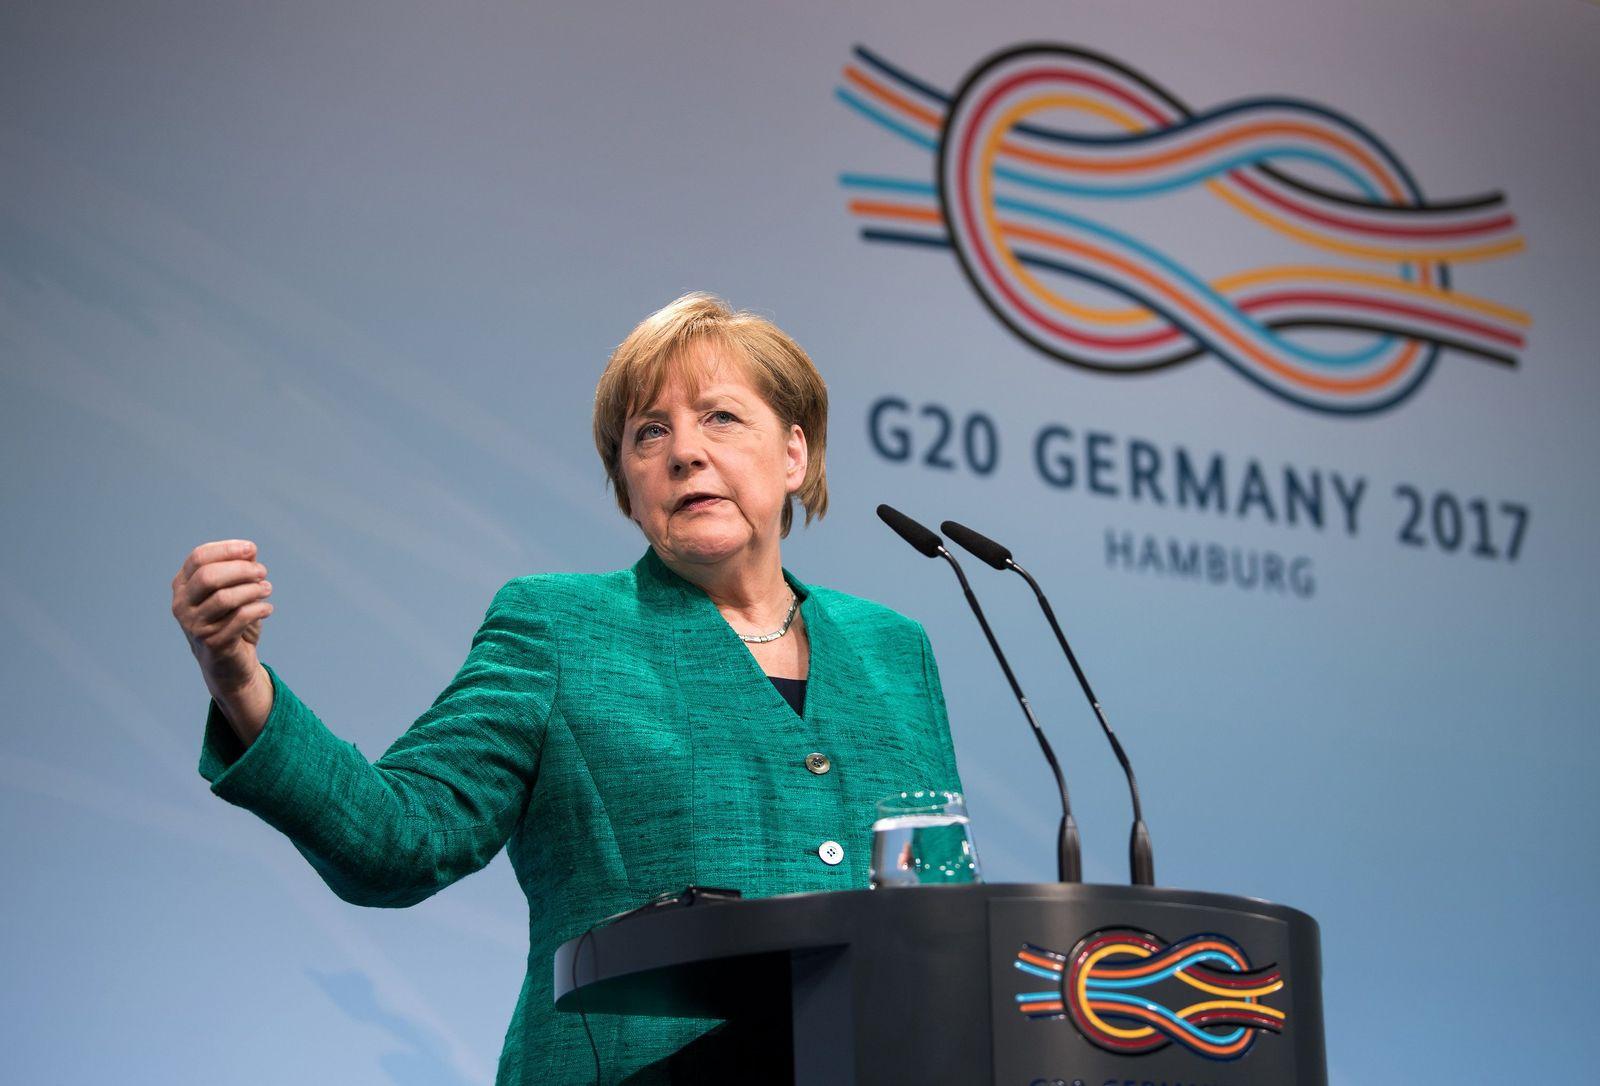 G20/ Pressekonferenz/ Angela Merkel